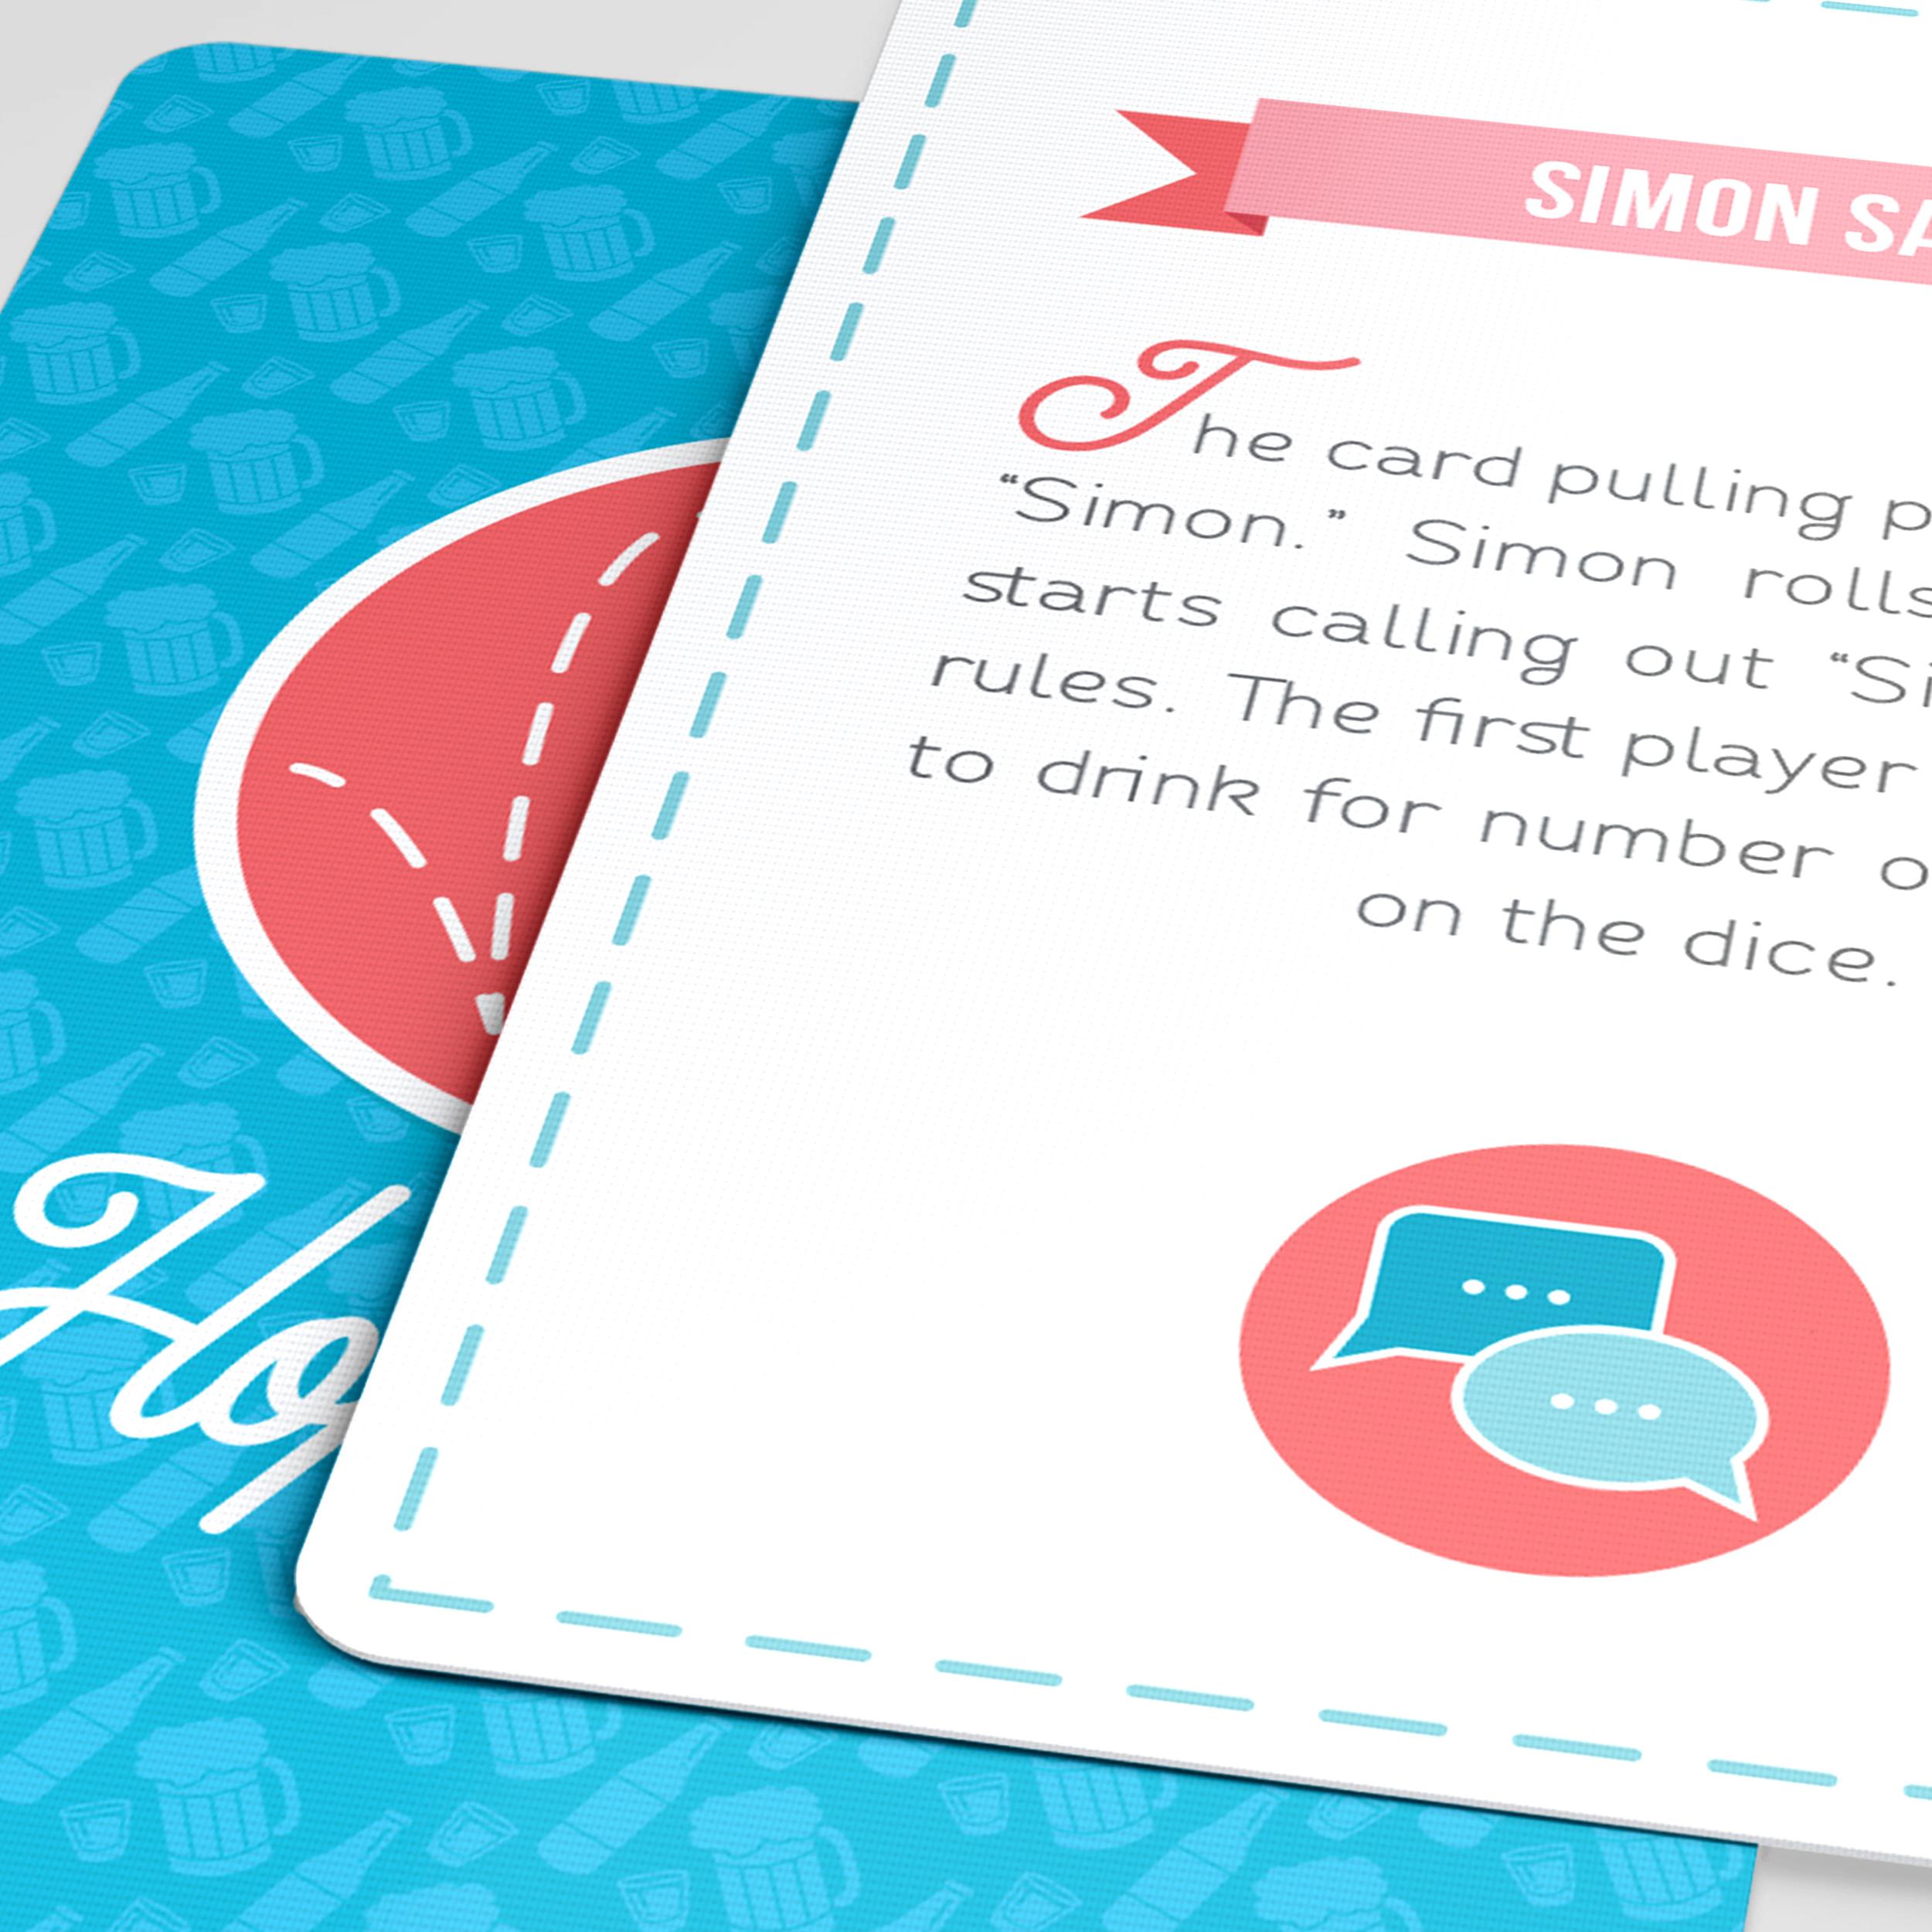 SimonSaysDetail.jpg